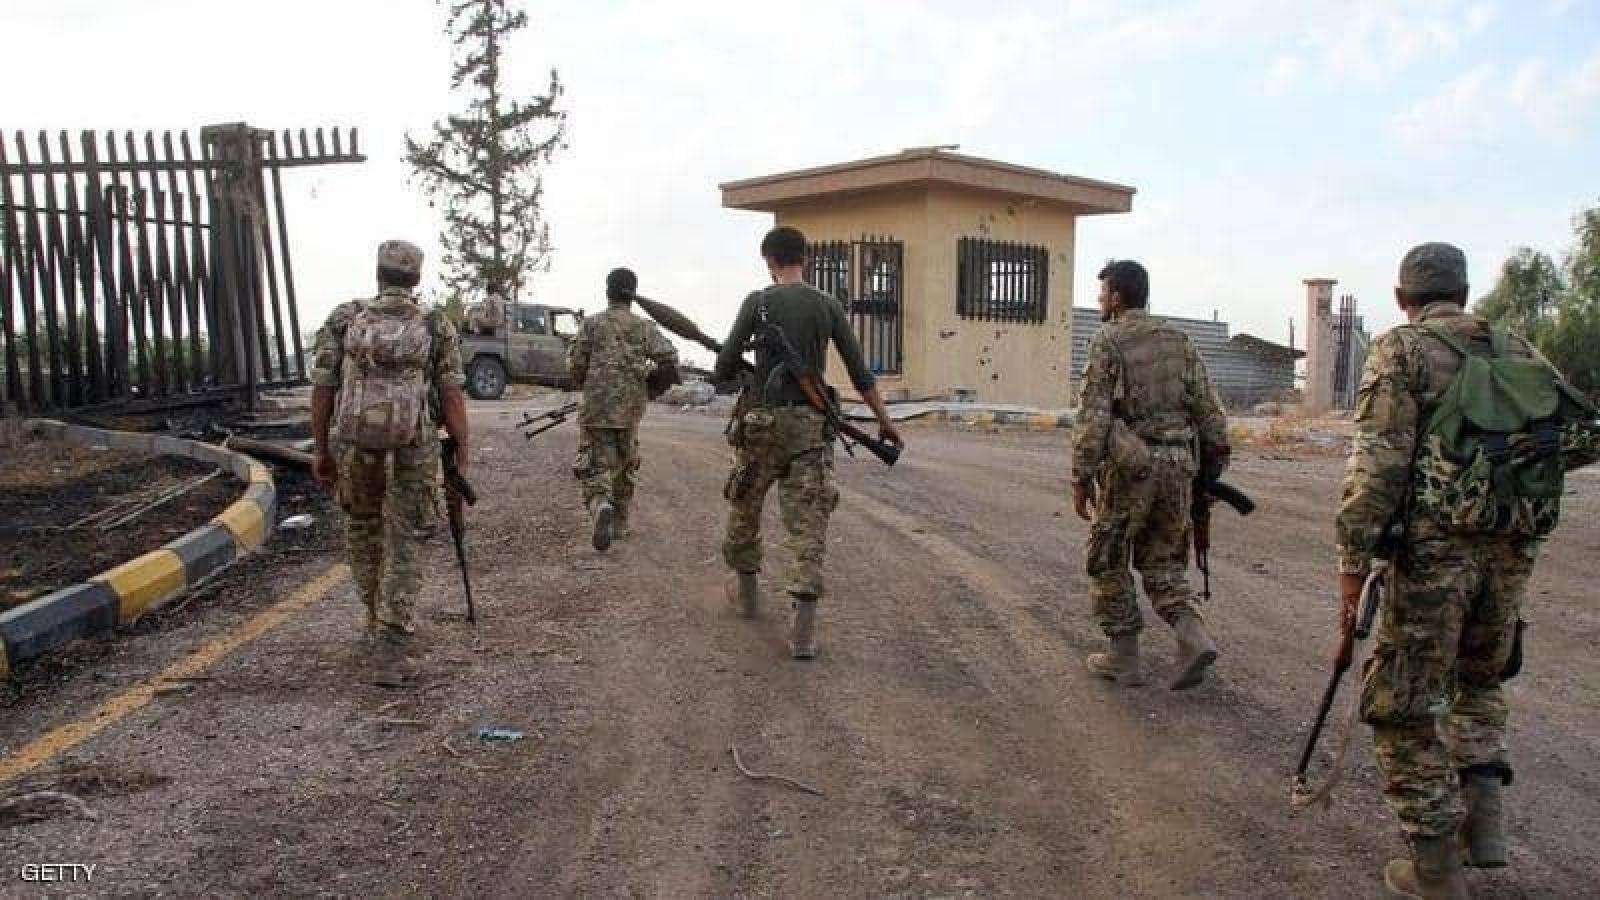 Libya: Sắp bùng phát giao tranh lớn ở thành phố Sirte và Al-Jafra